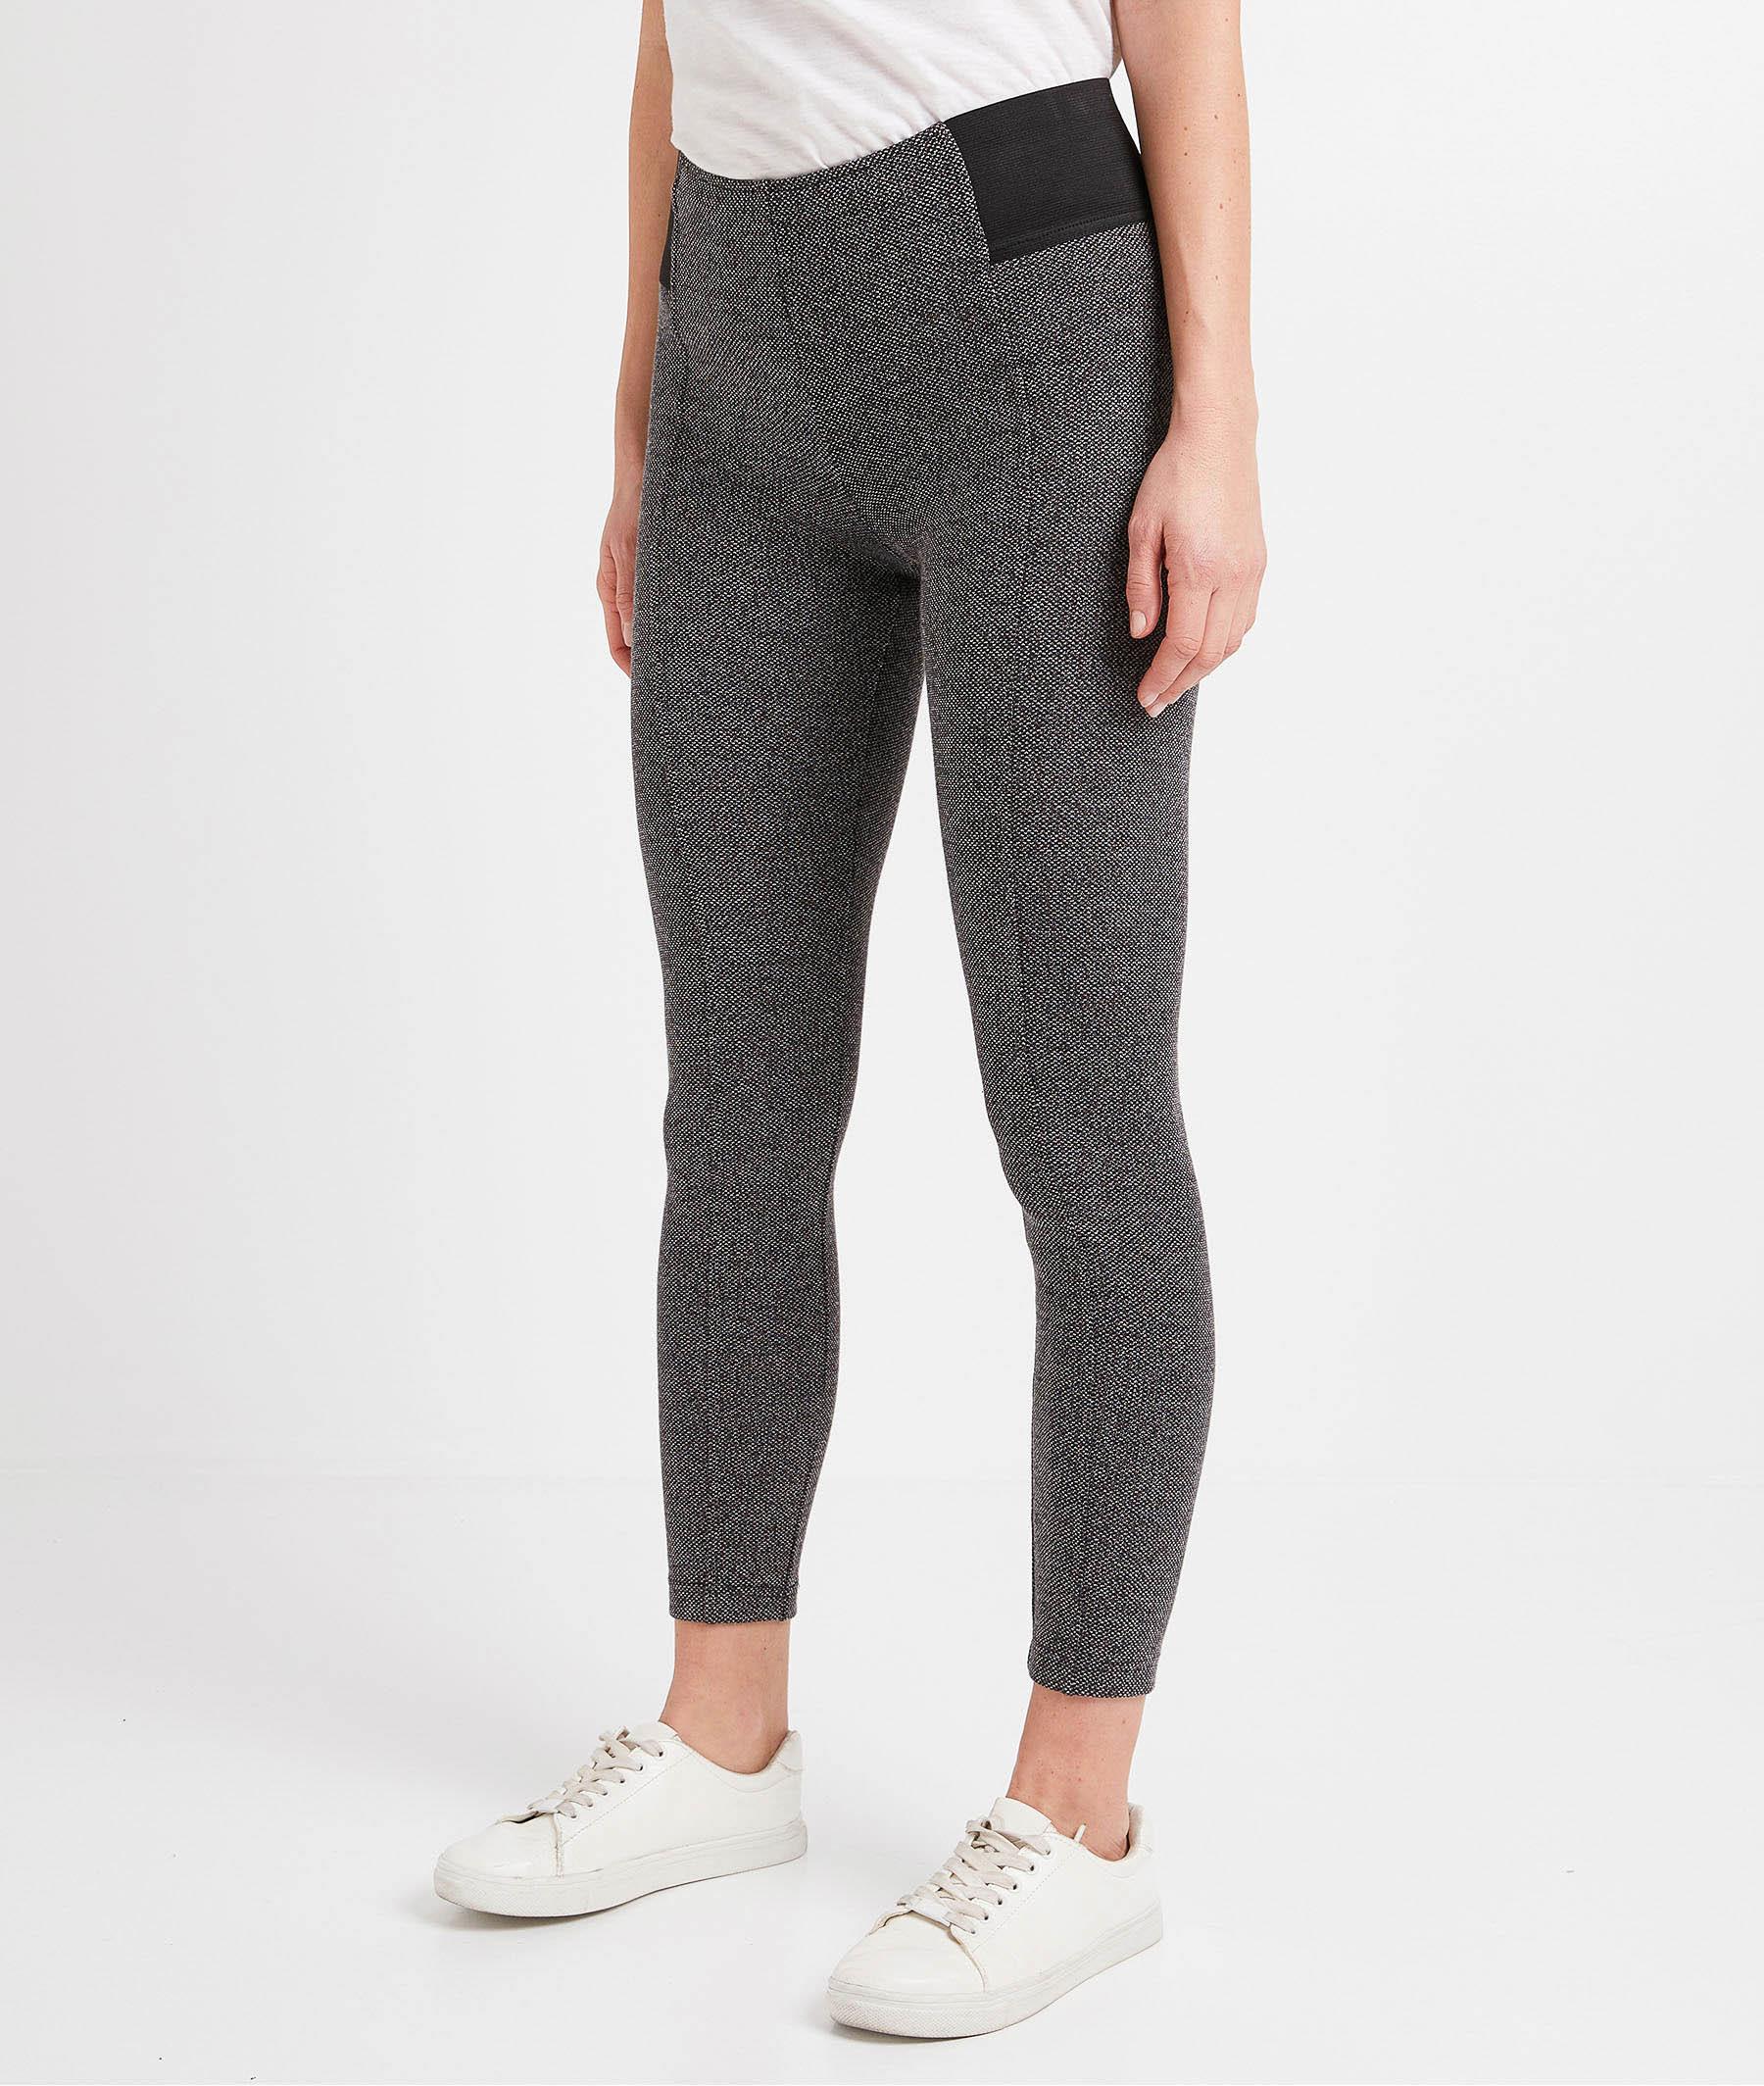 Legging jacquard gris femme GRIS